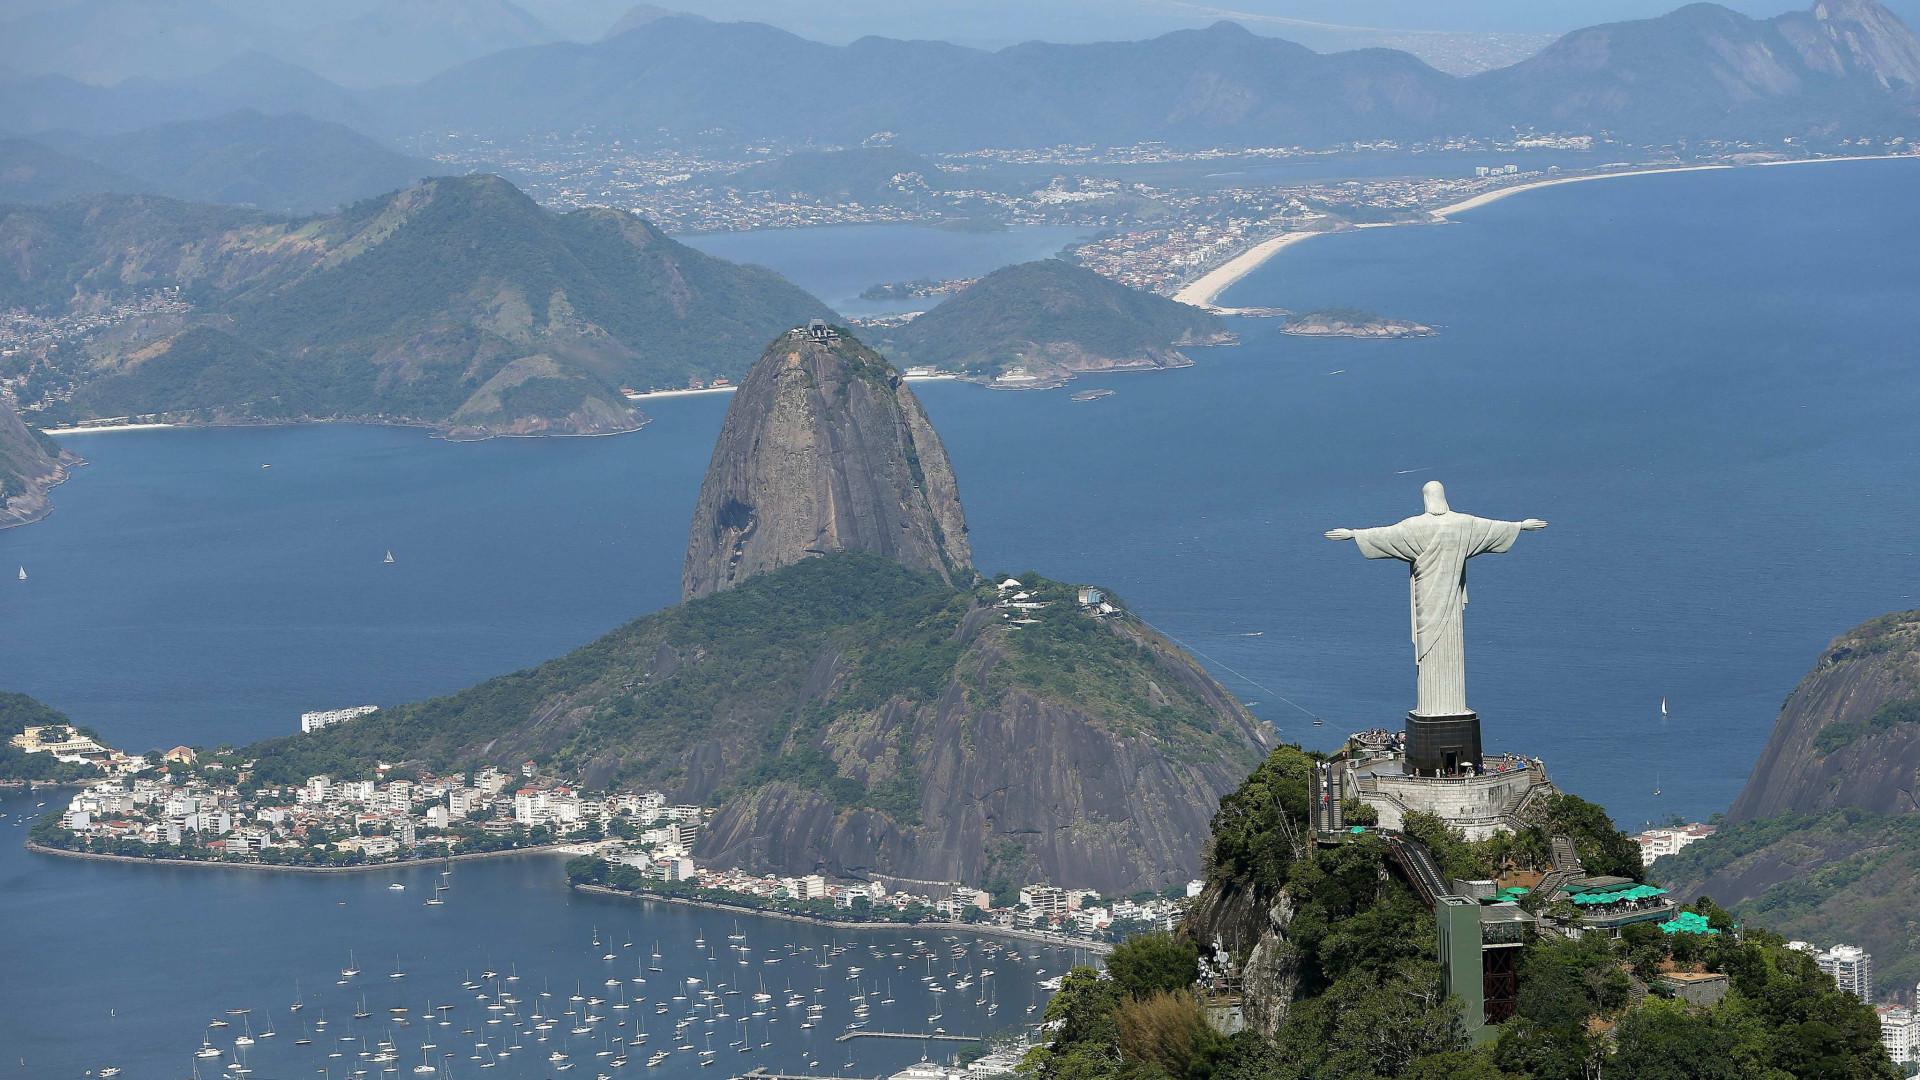 Economia brasileira está a ter um mau desempenho